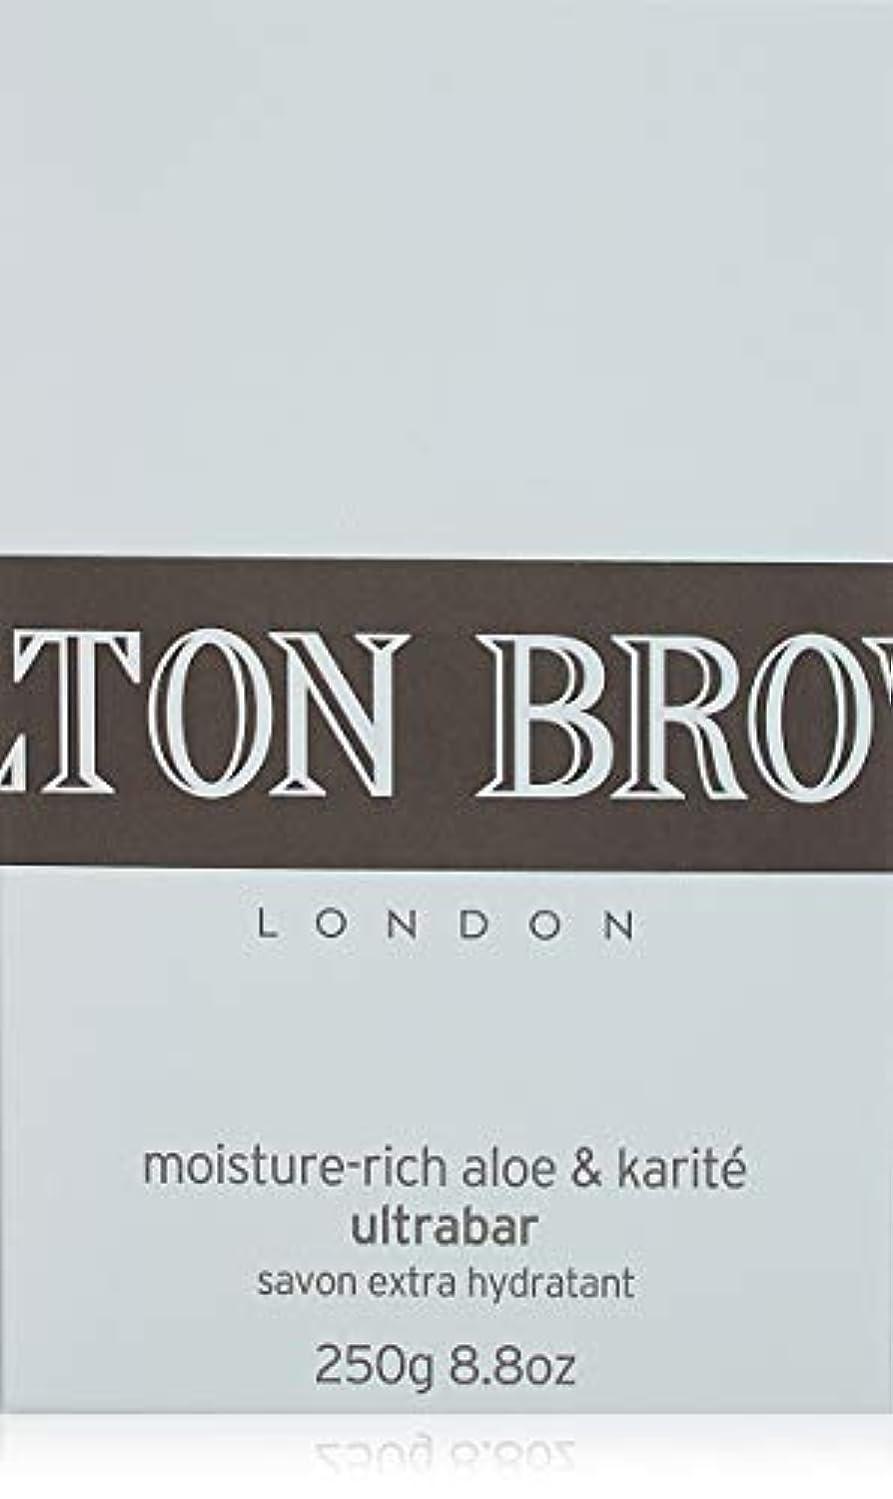 ジョージハンブリー石化する低いMOLTON BROWN(モルトンブラウン) モイスチャーリッチ アロエ&カリテ ウルトラバー